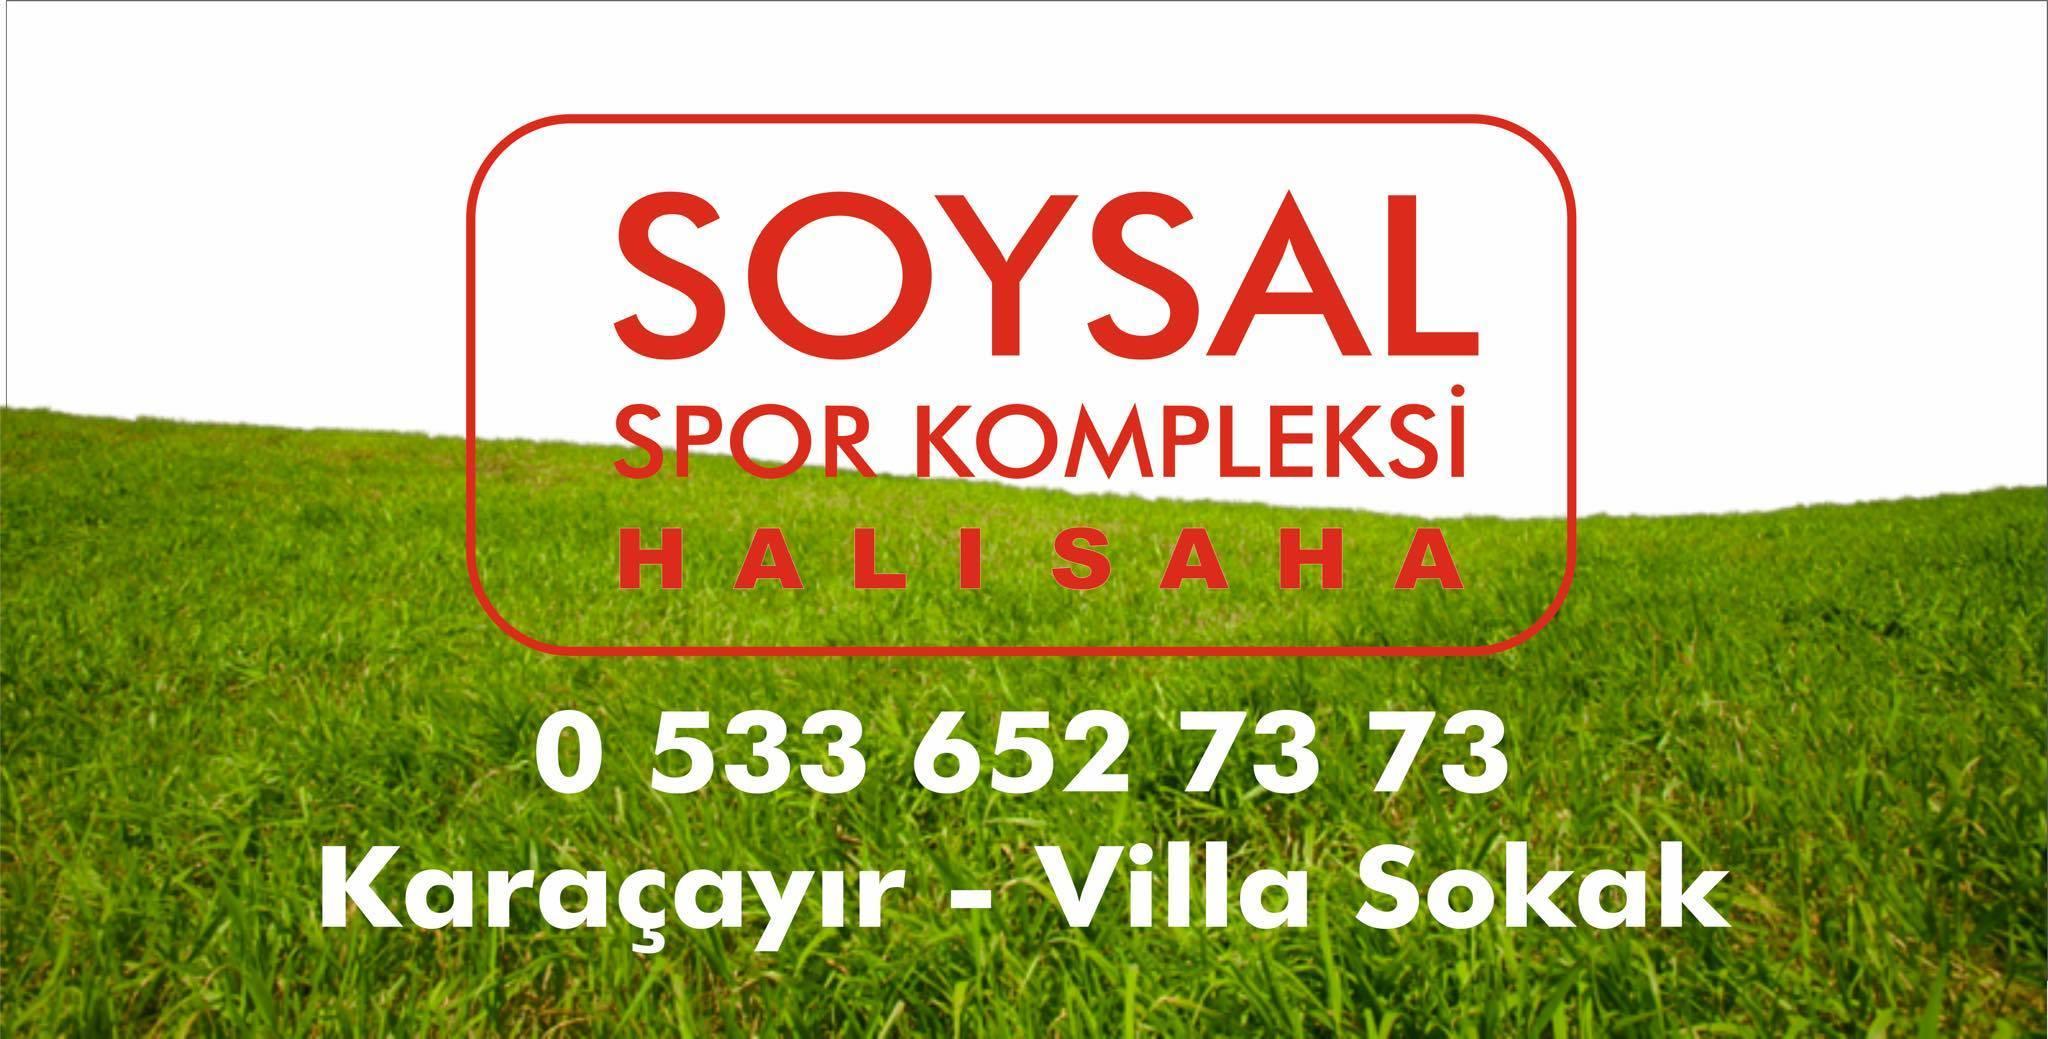 Soysal Spor